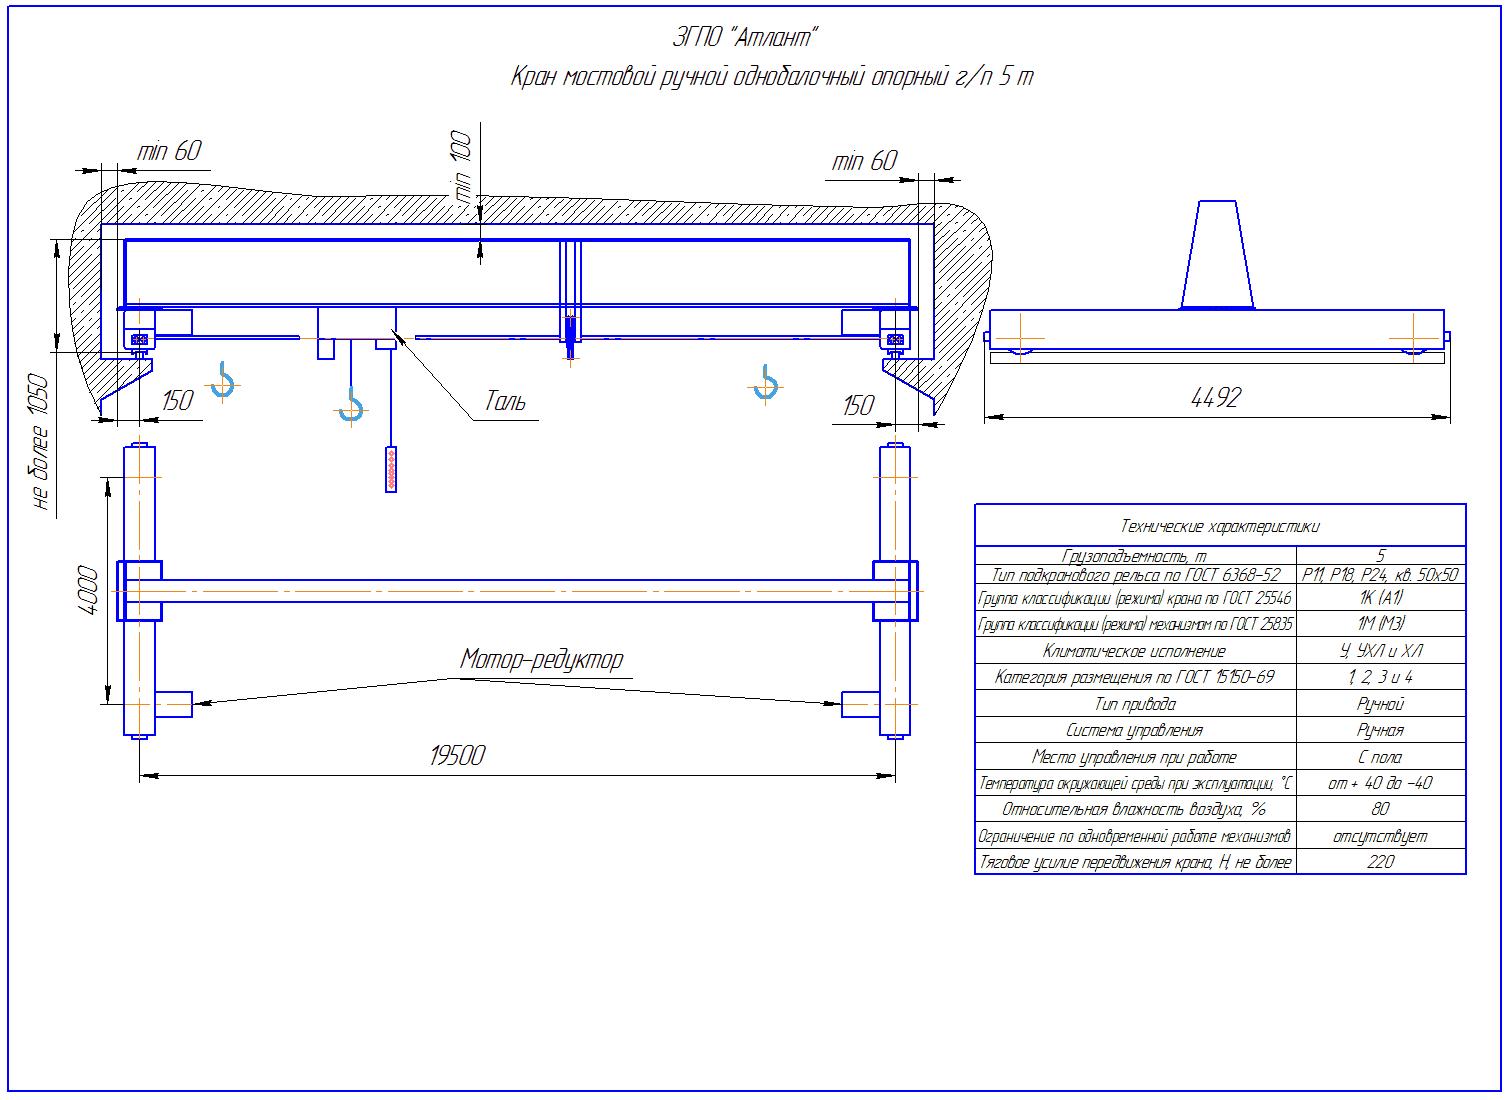 KRMOO 5 195 - Кран ручной мостовой опорный однобалочный